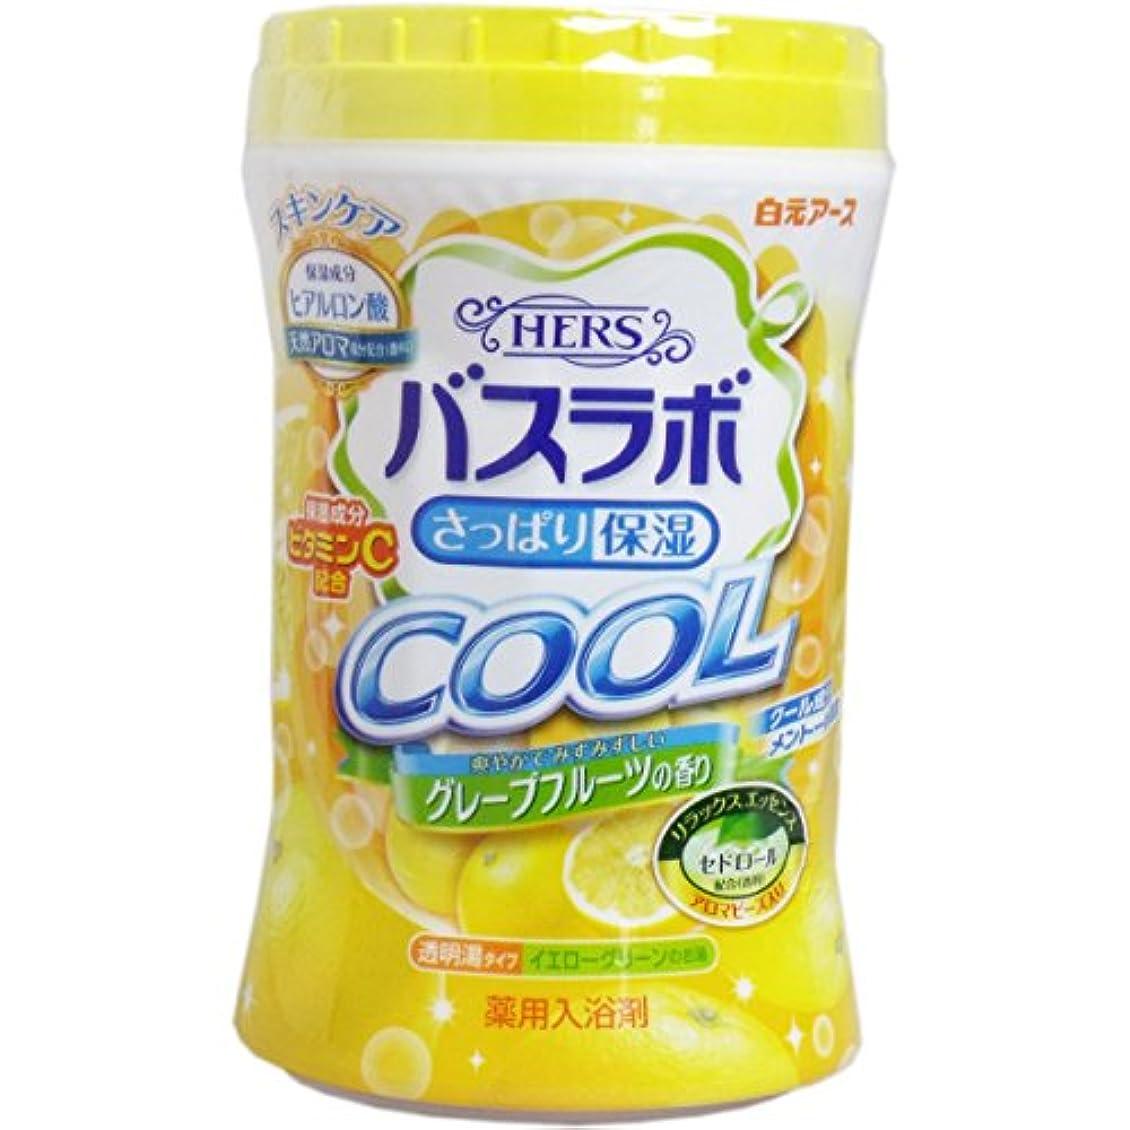 おとなしい不潔スズメバチHERSバスラボ ボトル クール グレープフルーツの香り 640g